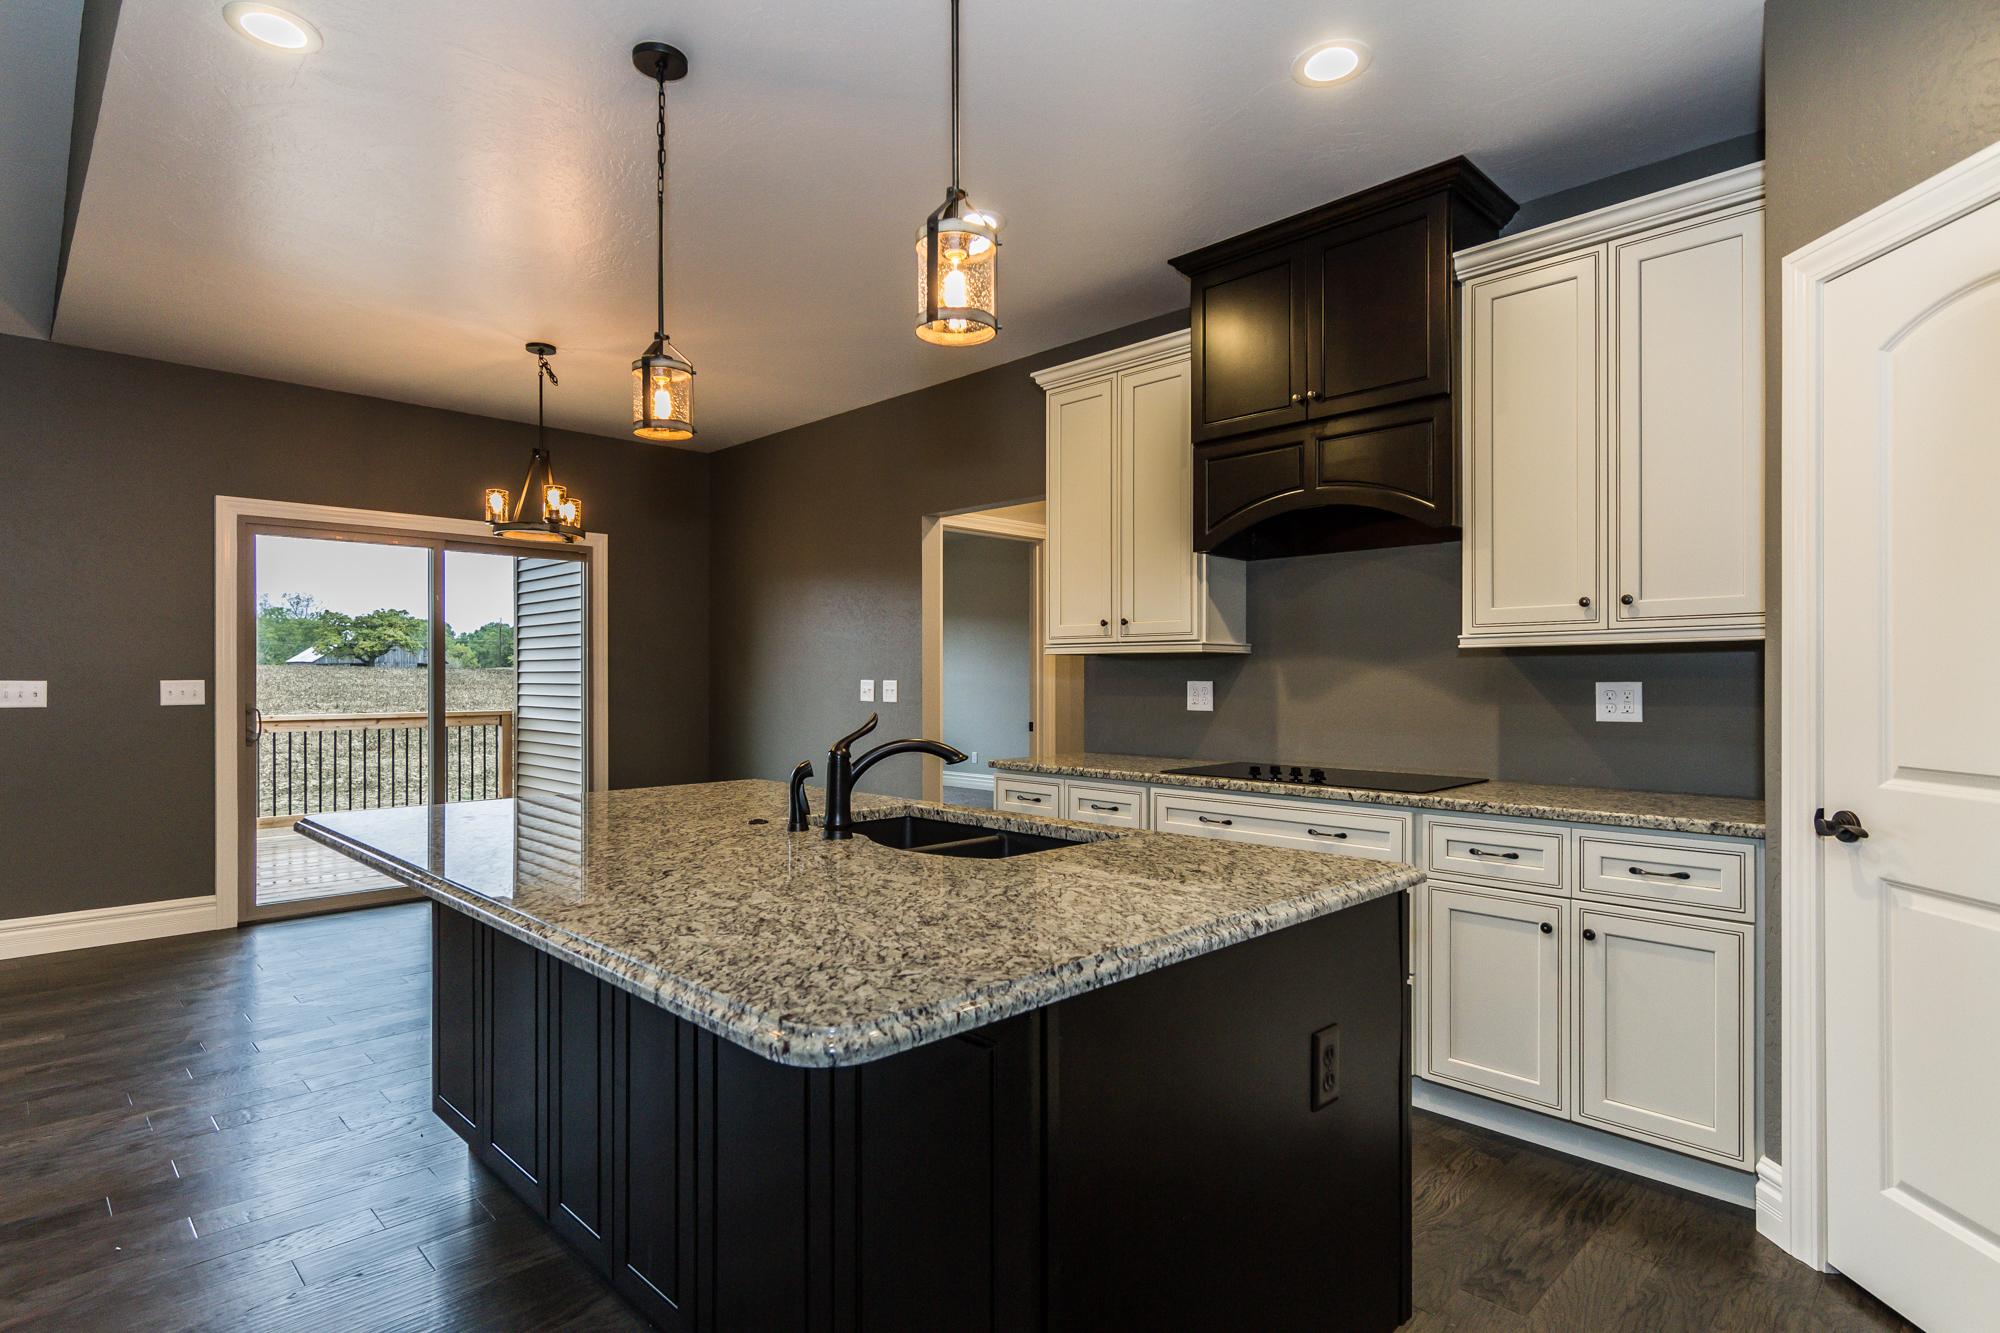 0-Scott-AFB-Real-Estate-For-Sale-O'Fallon-Illinois-62269-7.0.jpg